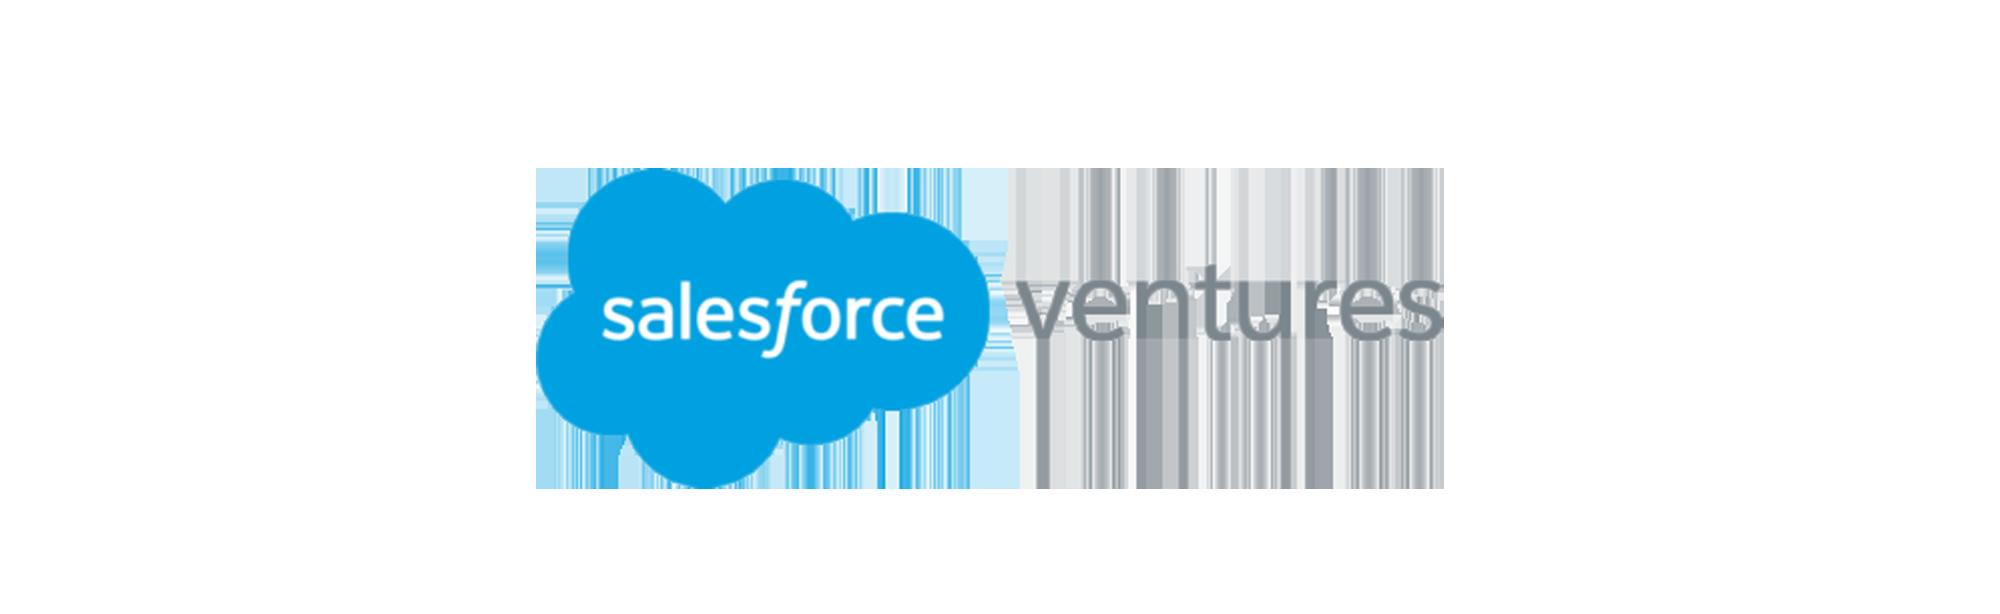 http://Salesforce%20Ventures